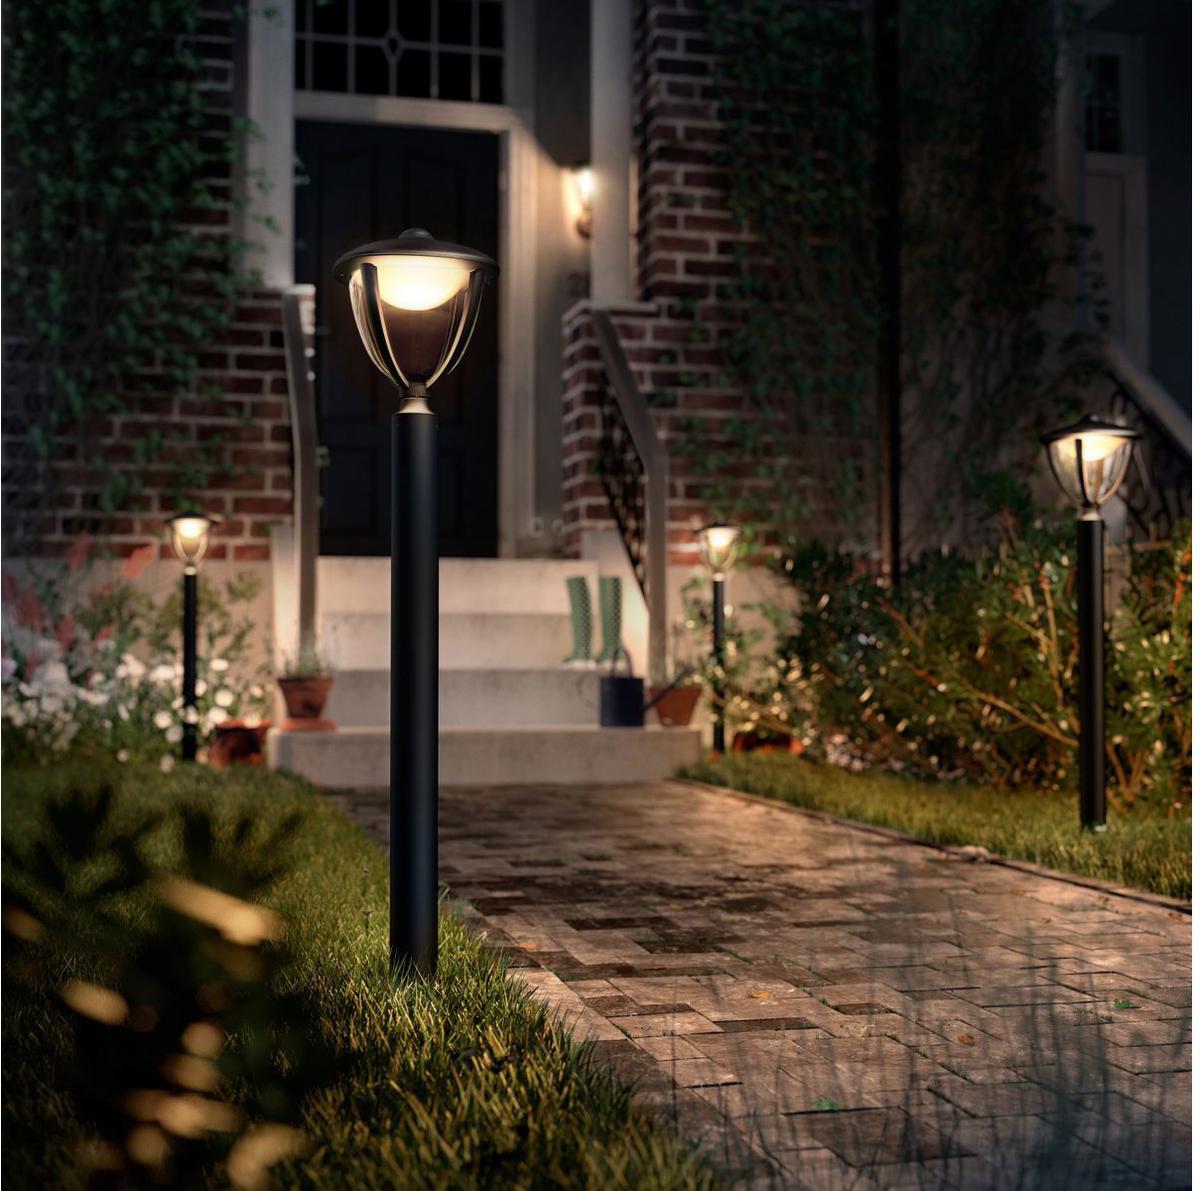 Philips LED Robin außen Pfeiler schwarz grosser 4,5W 154733016 | GUTE LEDS.DE